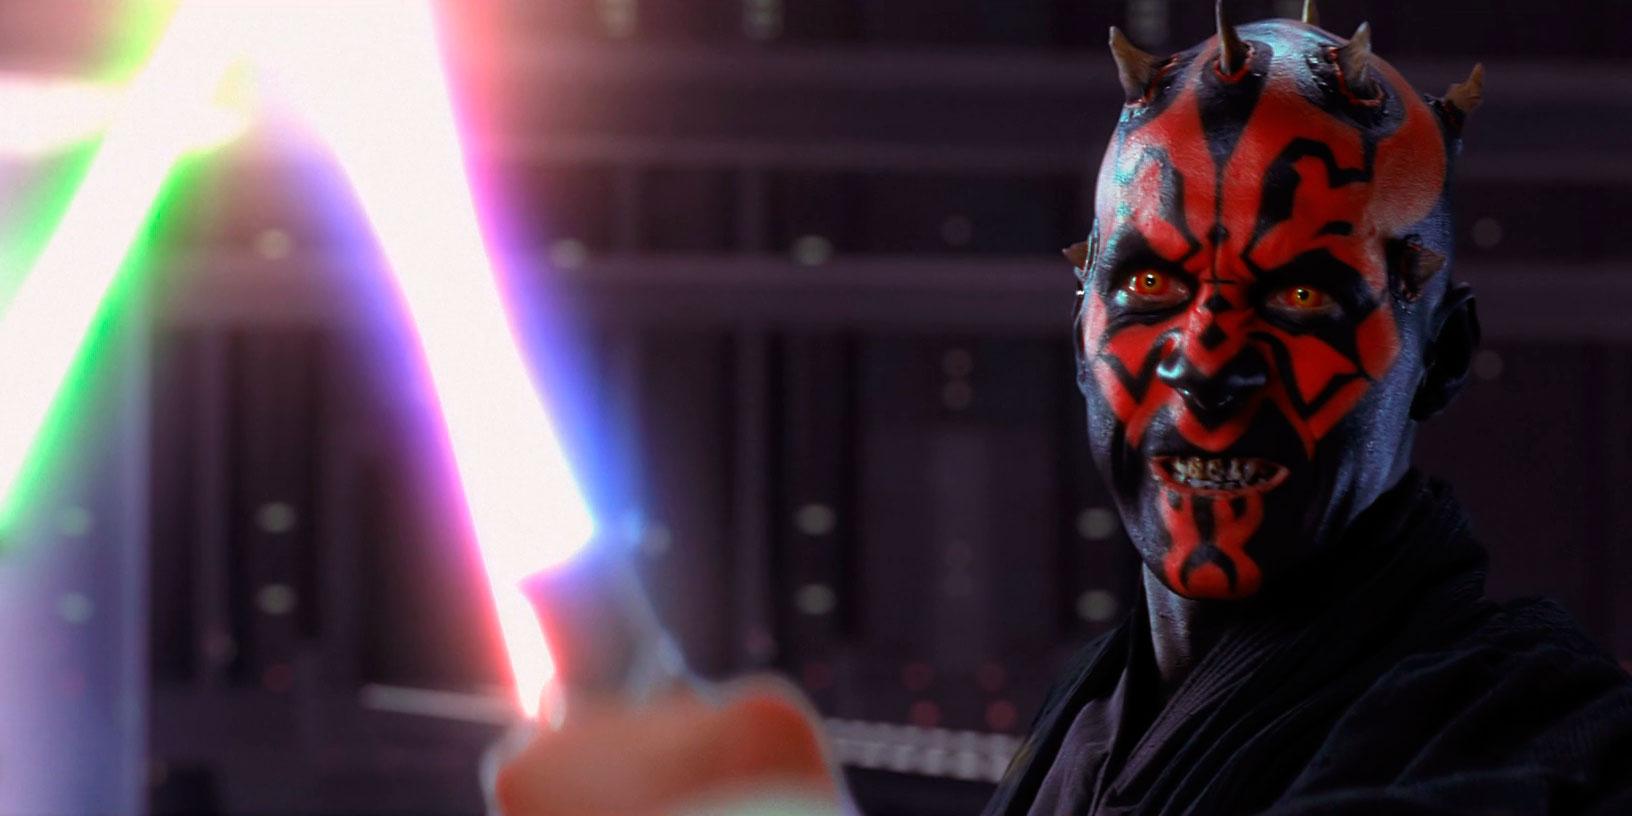 Darth Maul: Apprentice | Corto Fanfic sobre el Sith mas desperdiciado de la galaxia